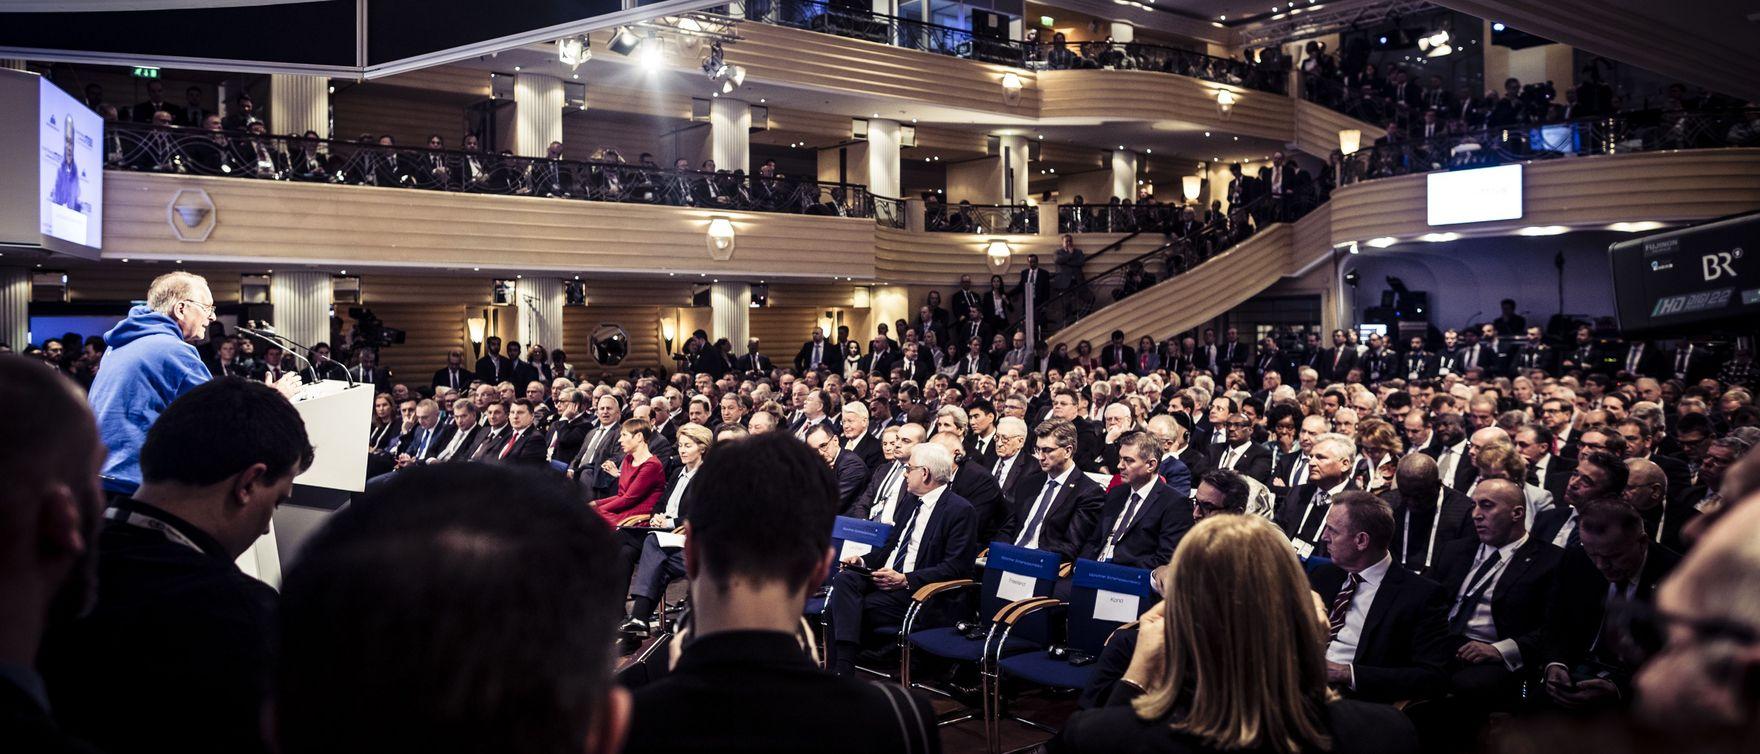 DOLAZI ČETRDESET ŠEFOVA DRŽAVA I VLADA!  Na konferenciji o sigurnosti u Muenchenu raspravljat će se o klimatskim promjenama, budućnosti europskog projekta…